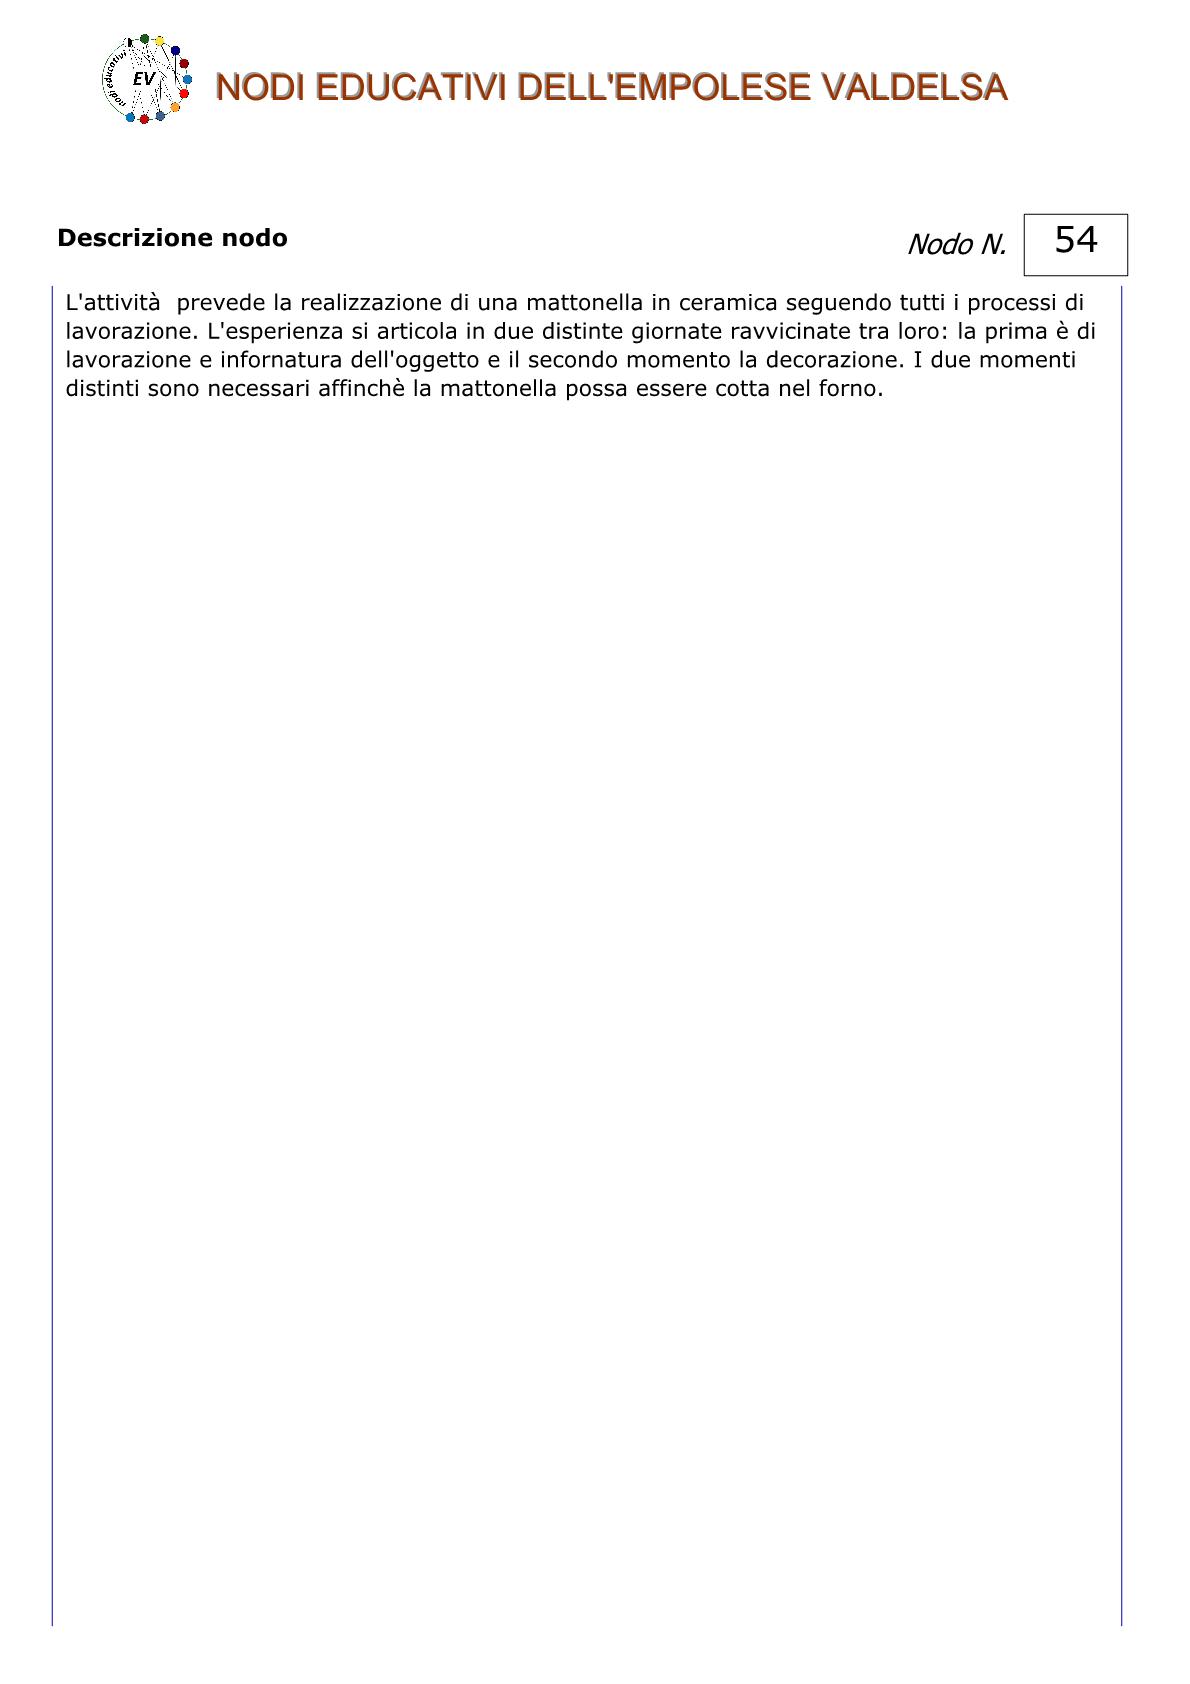 nodi-ev-161001-n-0542